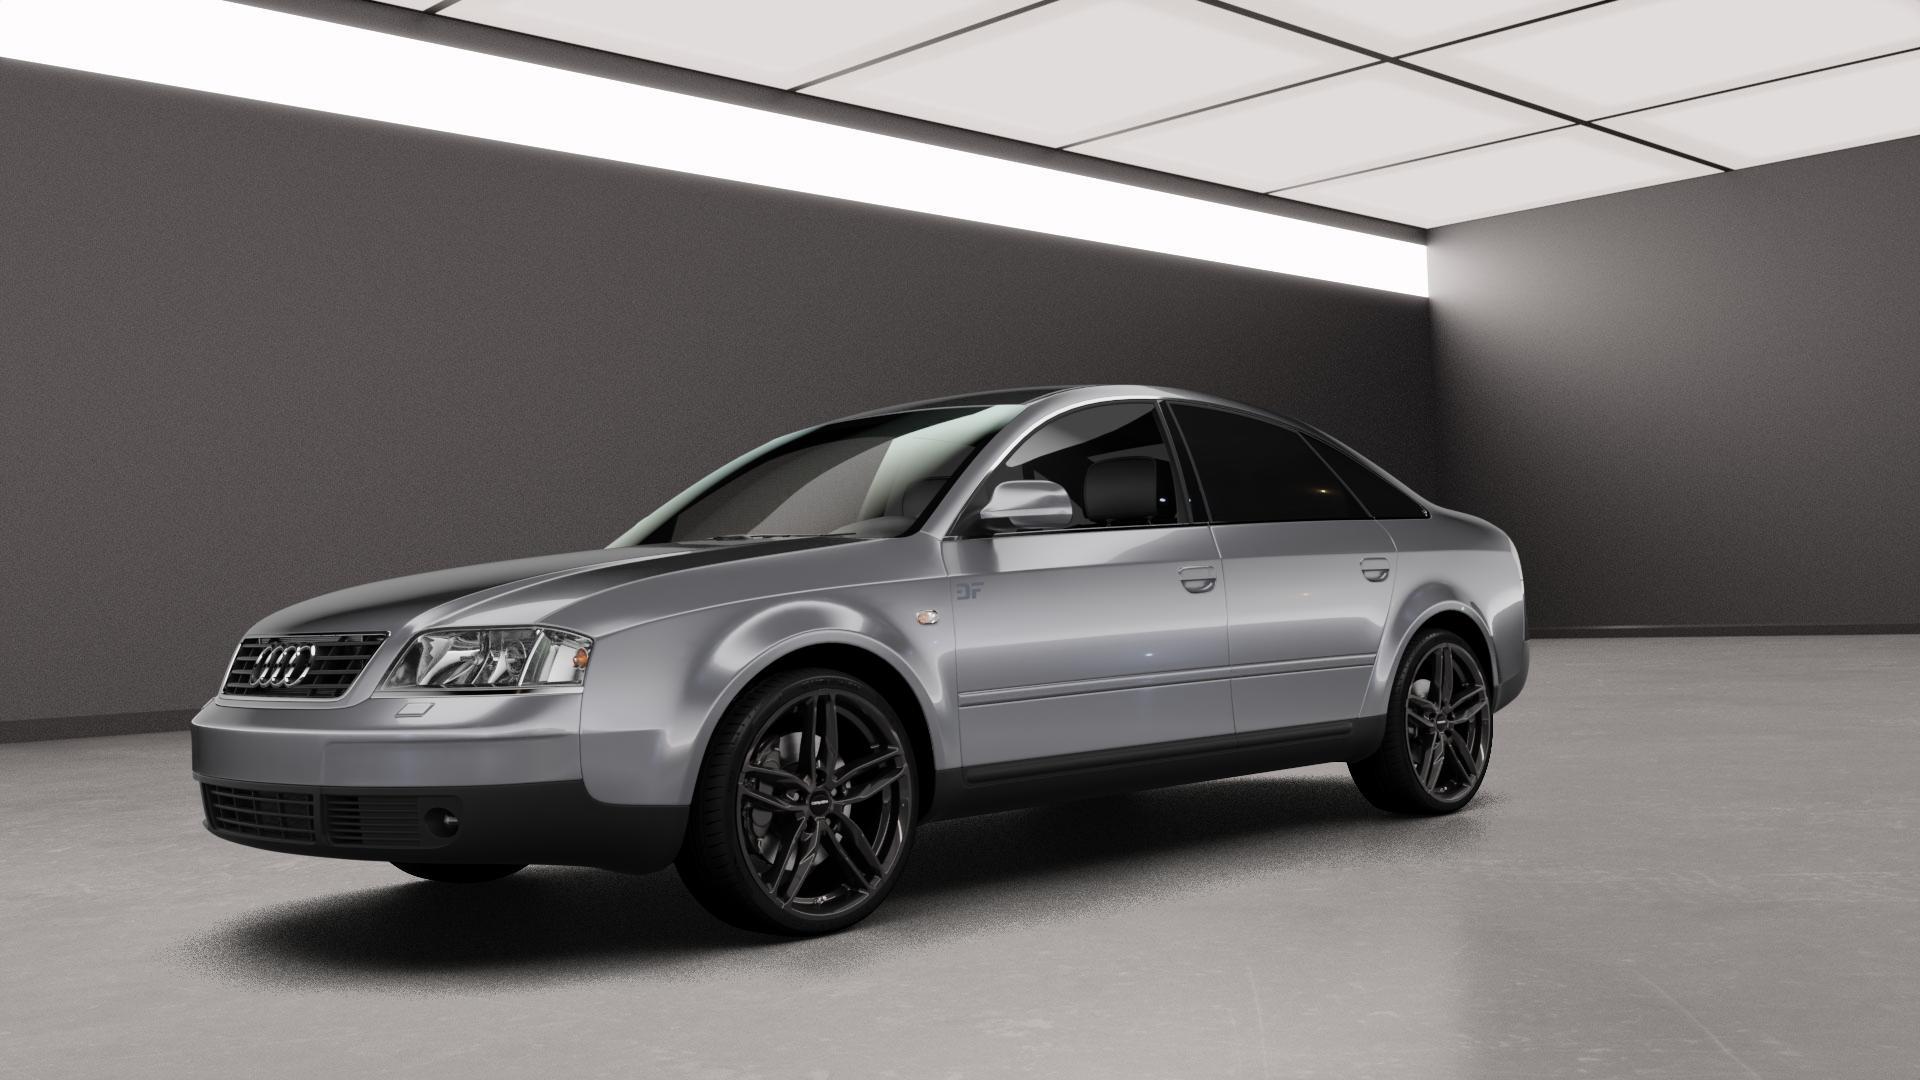 CARMANI 13 Twinmax black Felge mit Reifen schwarz in 19Zoll Winterfelge Alufelge auf silbernem Audi A6 Typ 4B/C5 (Limousine) ⬇️ mit 15mm Tieferlegung ⬇️ Neutral_mid_max5300mm Frontansicht_1